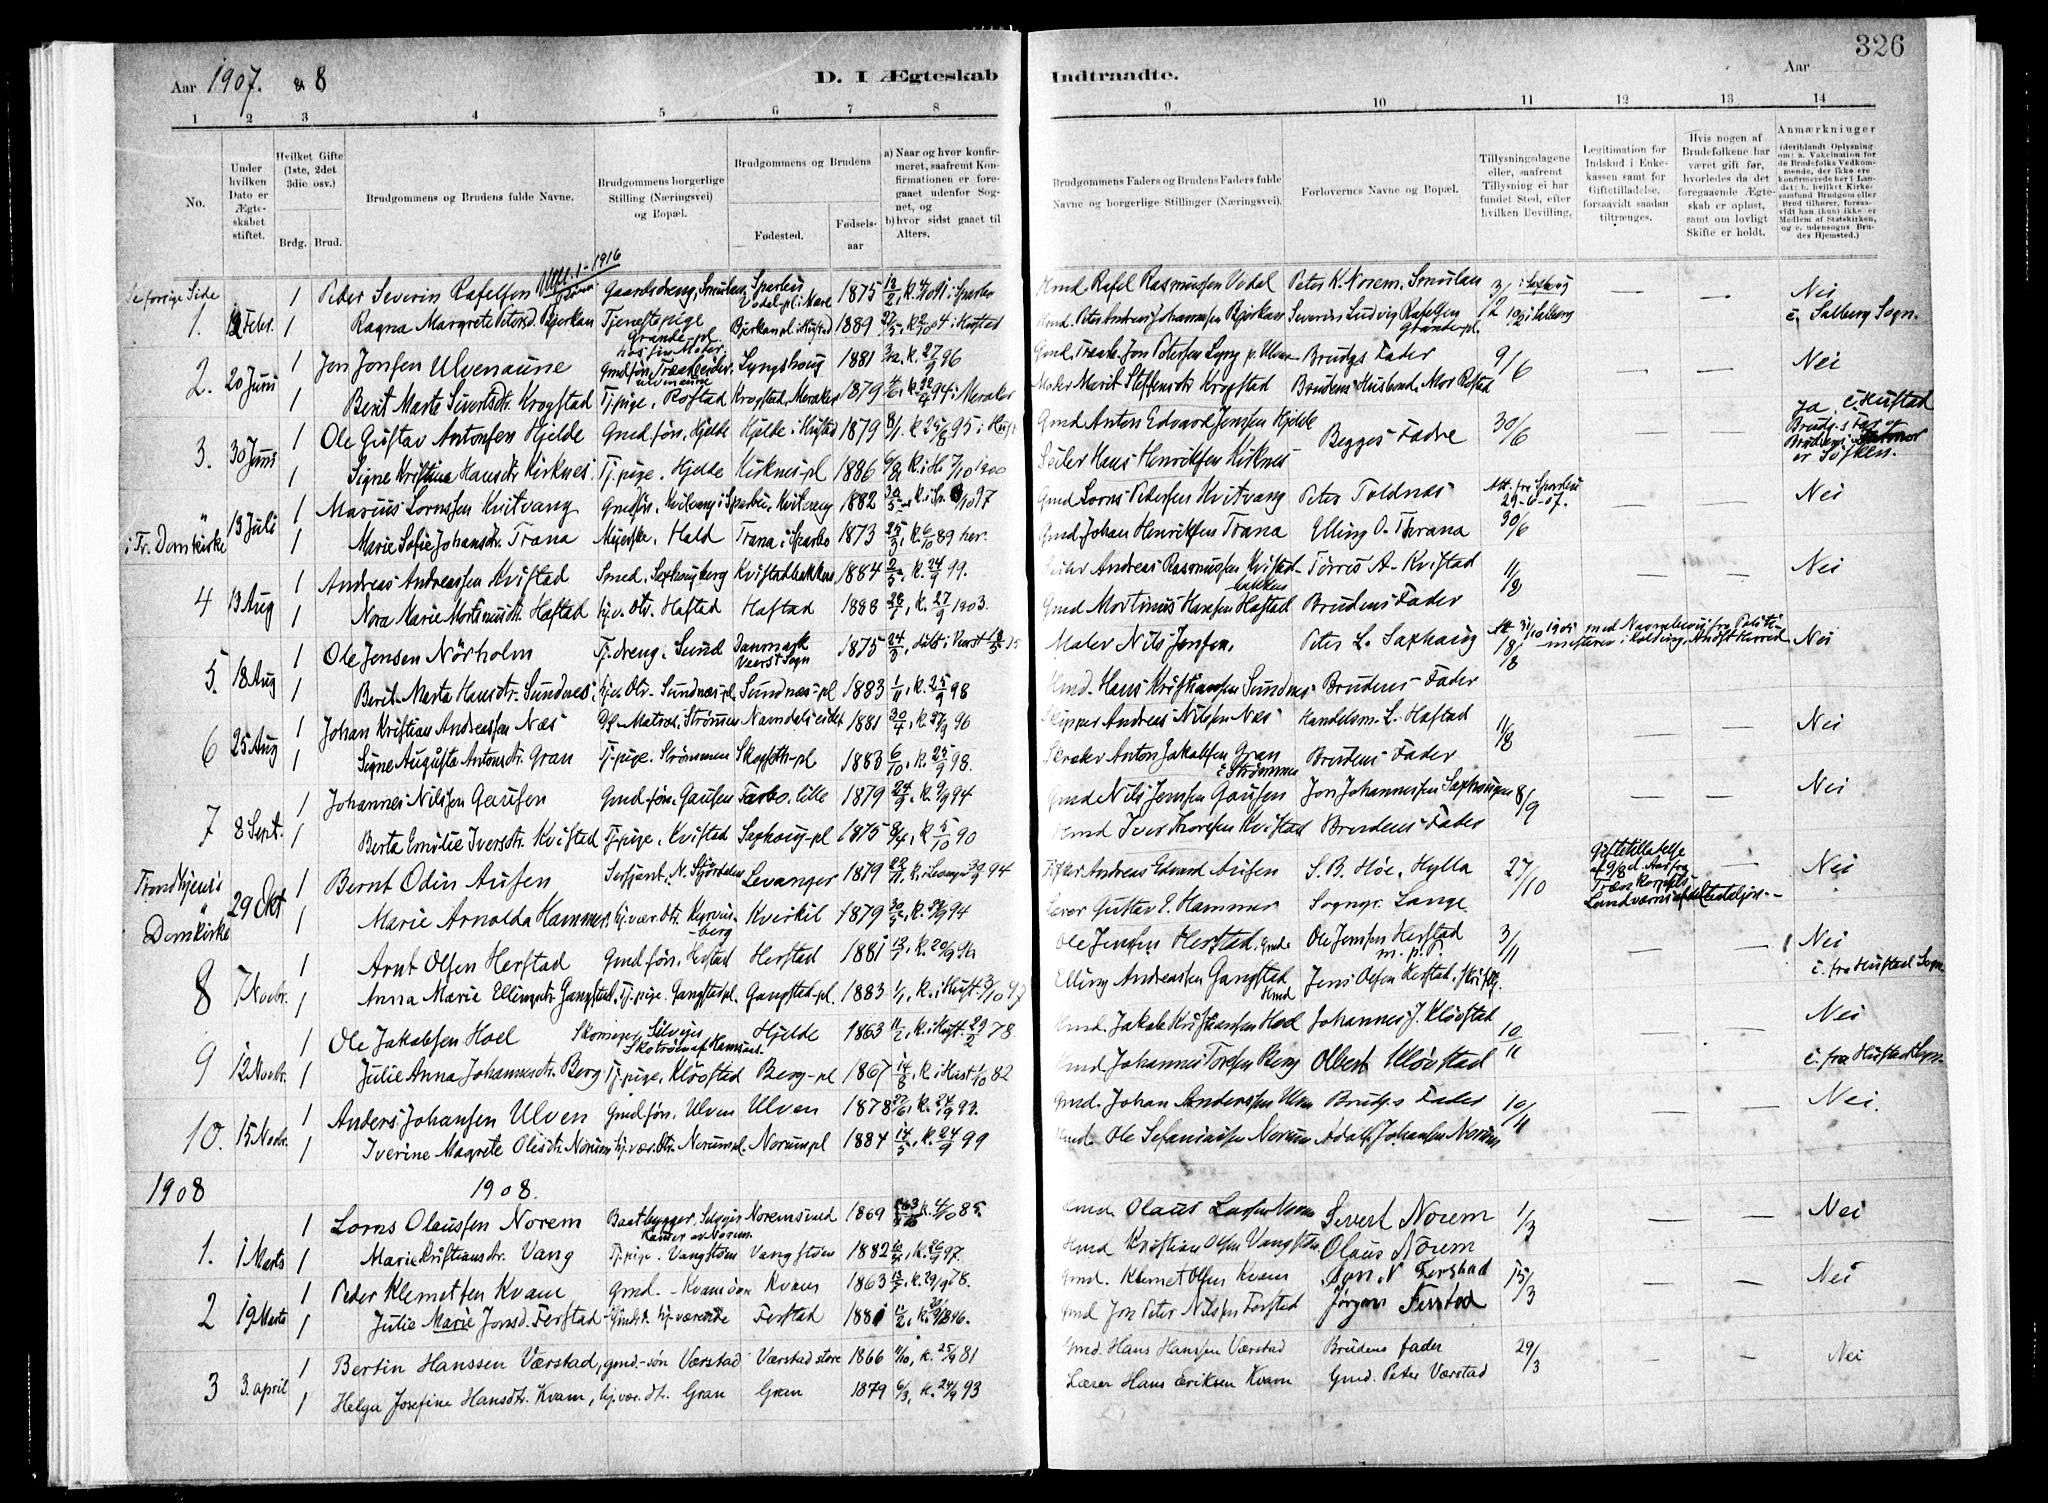 SAT, Ministerialprotokoller, klokkerbøker og fødselsregistre - Nord-Trøndelag, 730/L0285: Ministerialbok nr. 730A10, 1879-1914, s. 326